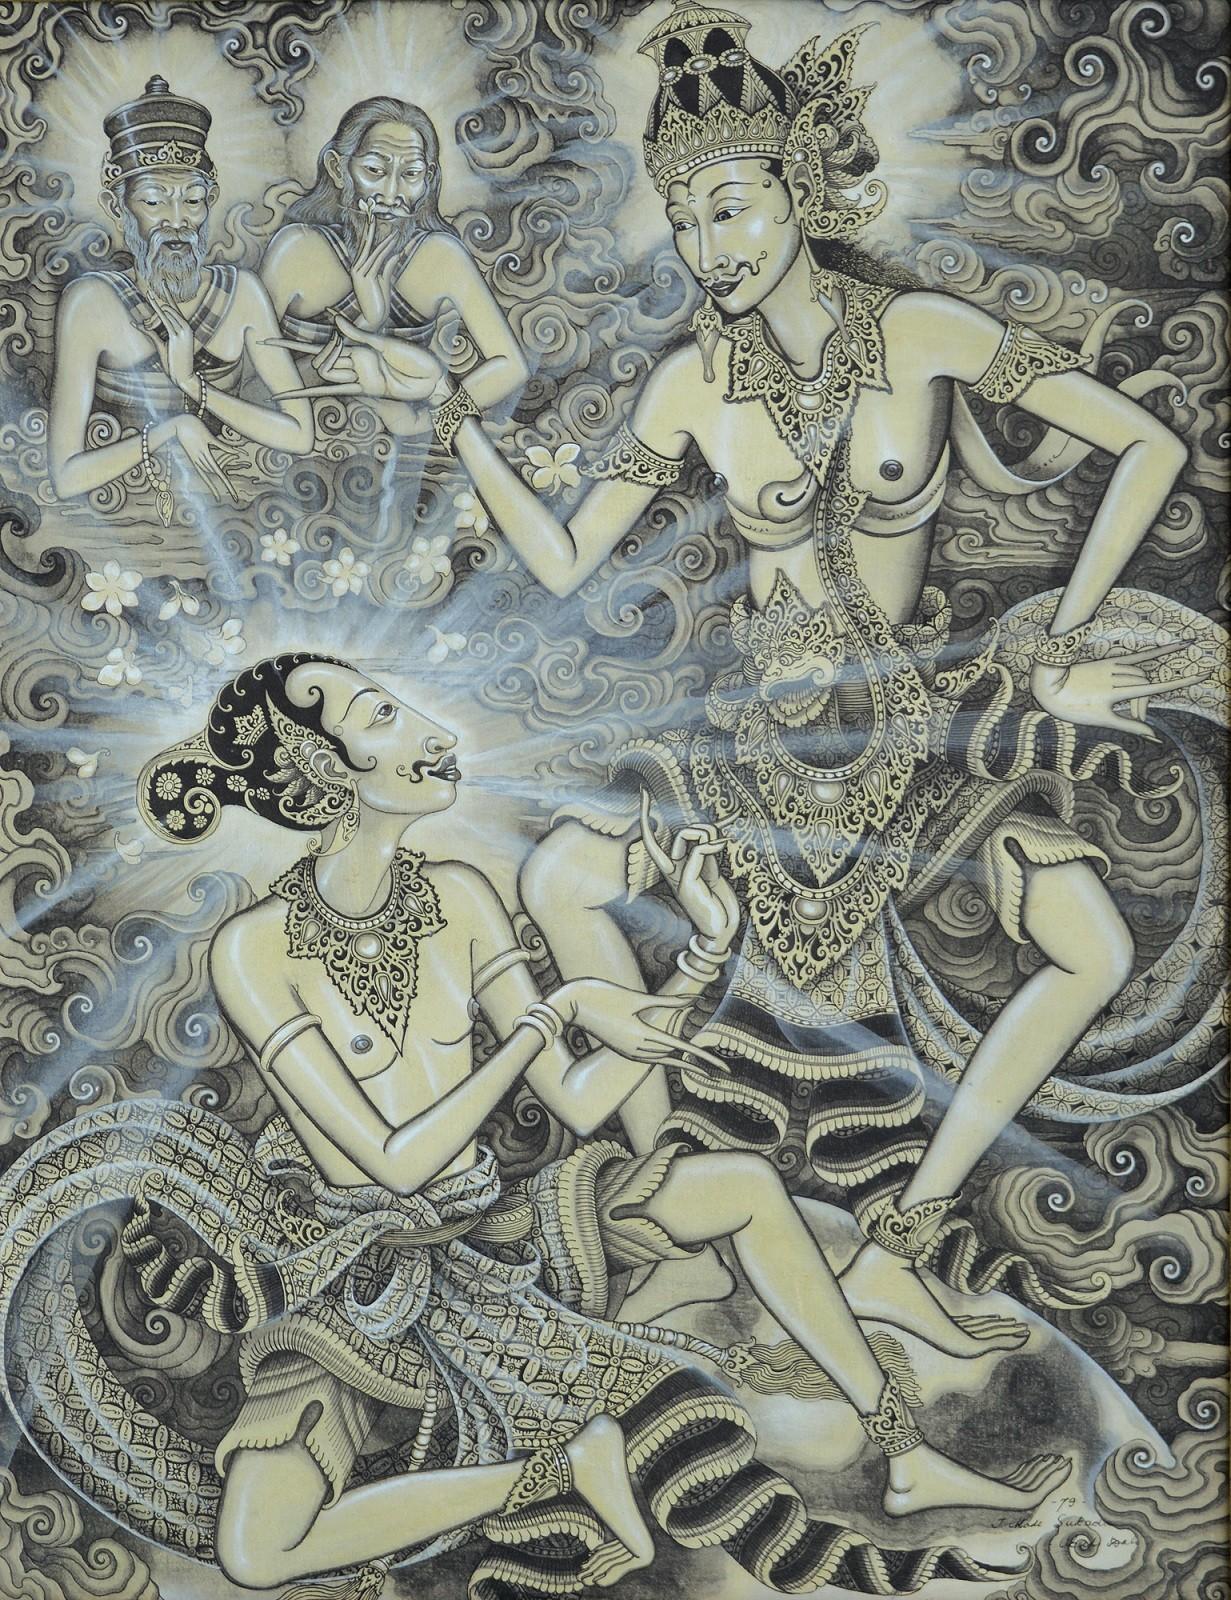 Lot #521 'Dialog Arjuna dan Kresna' by Made Sukada.